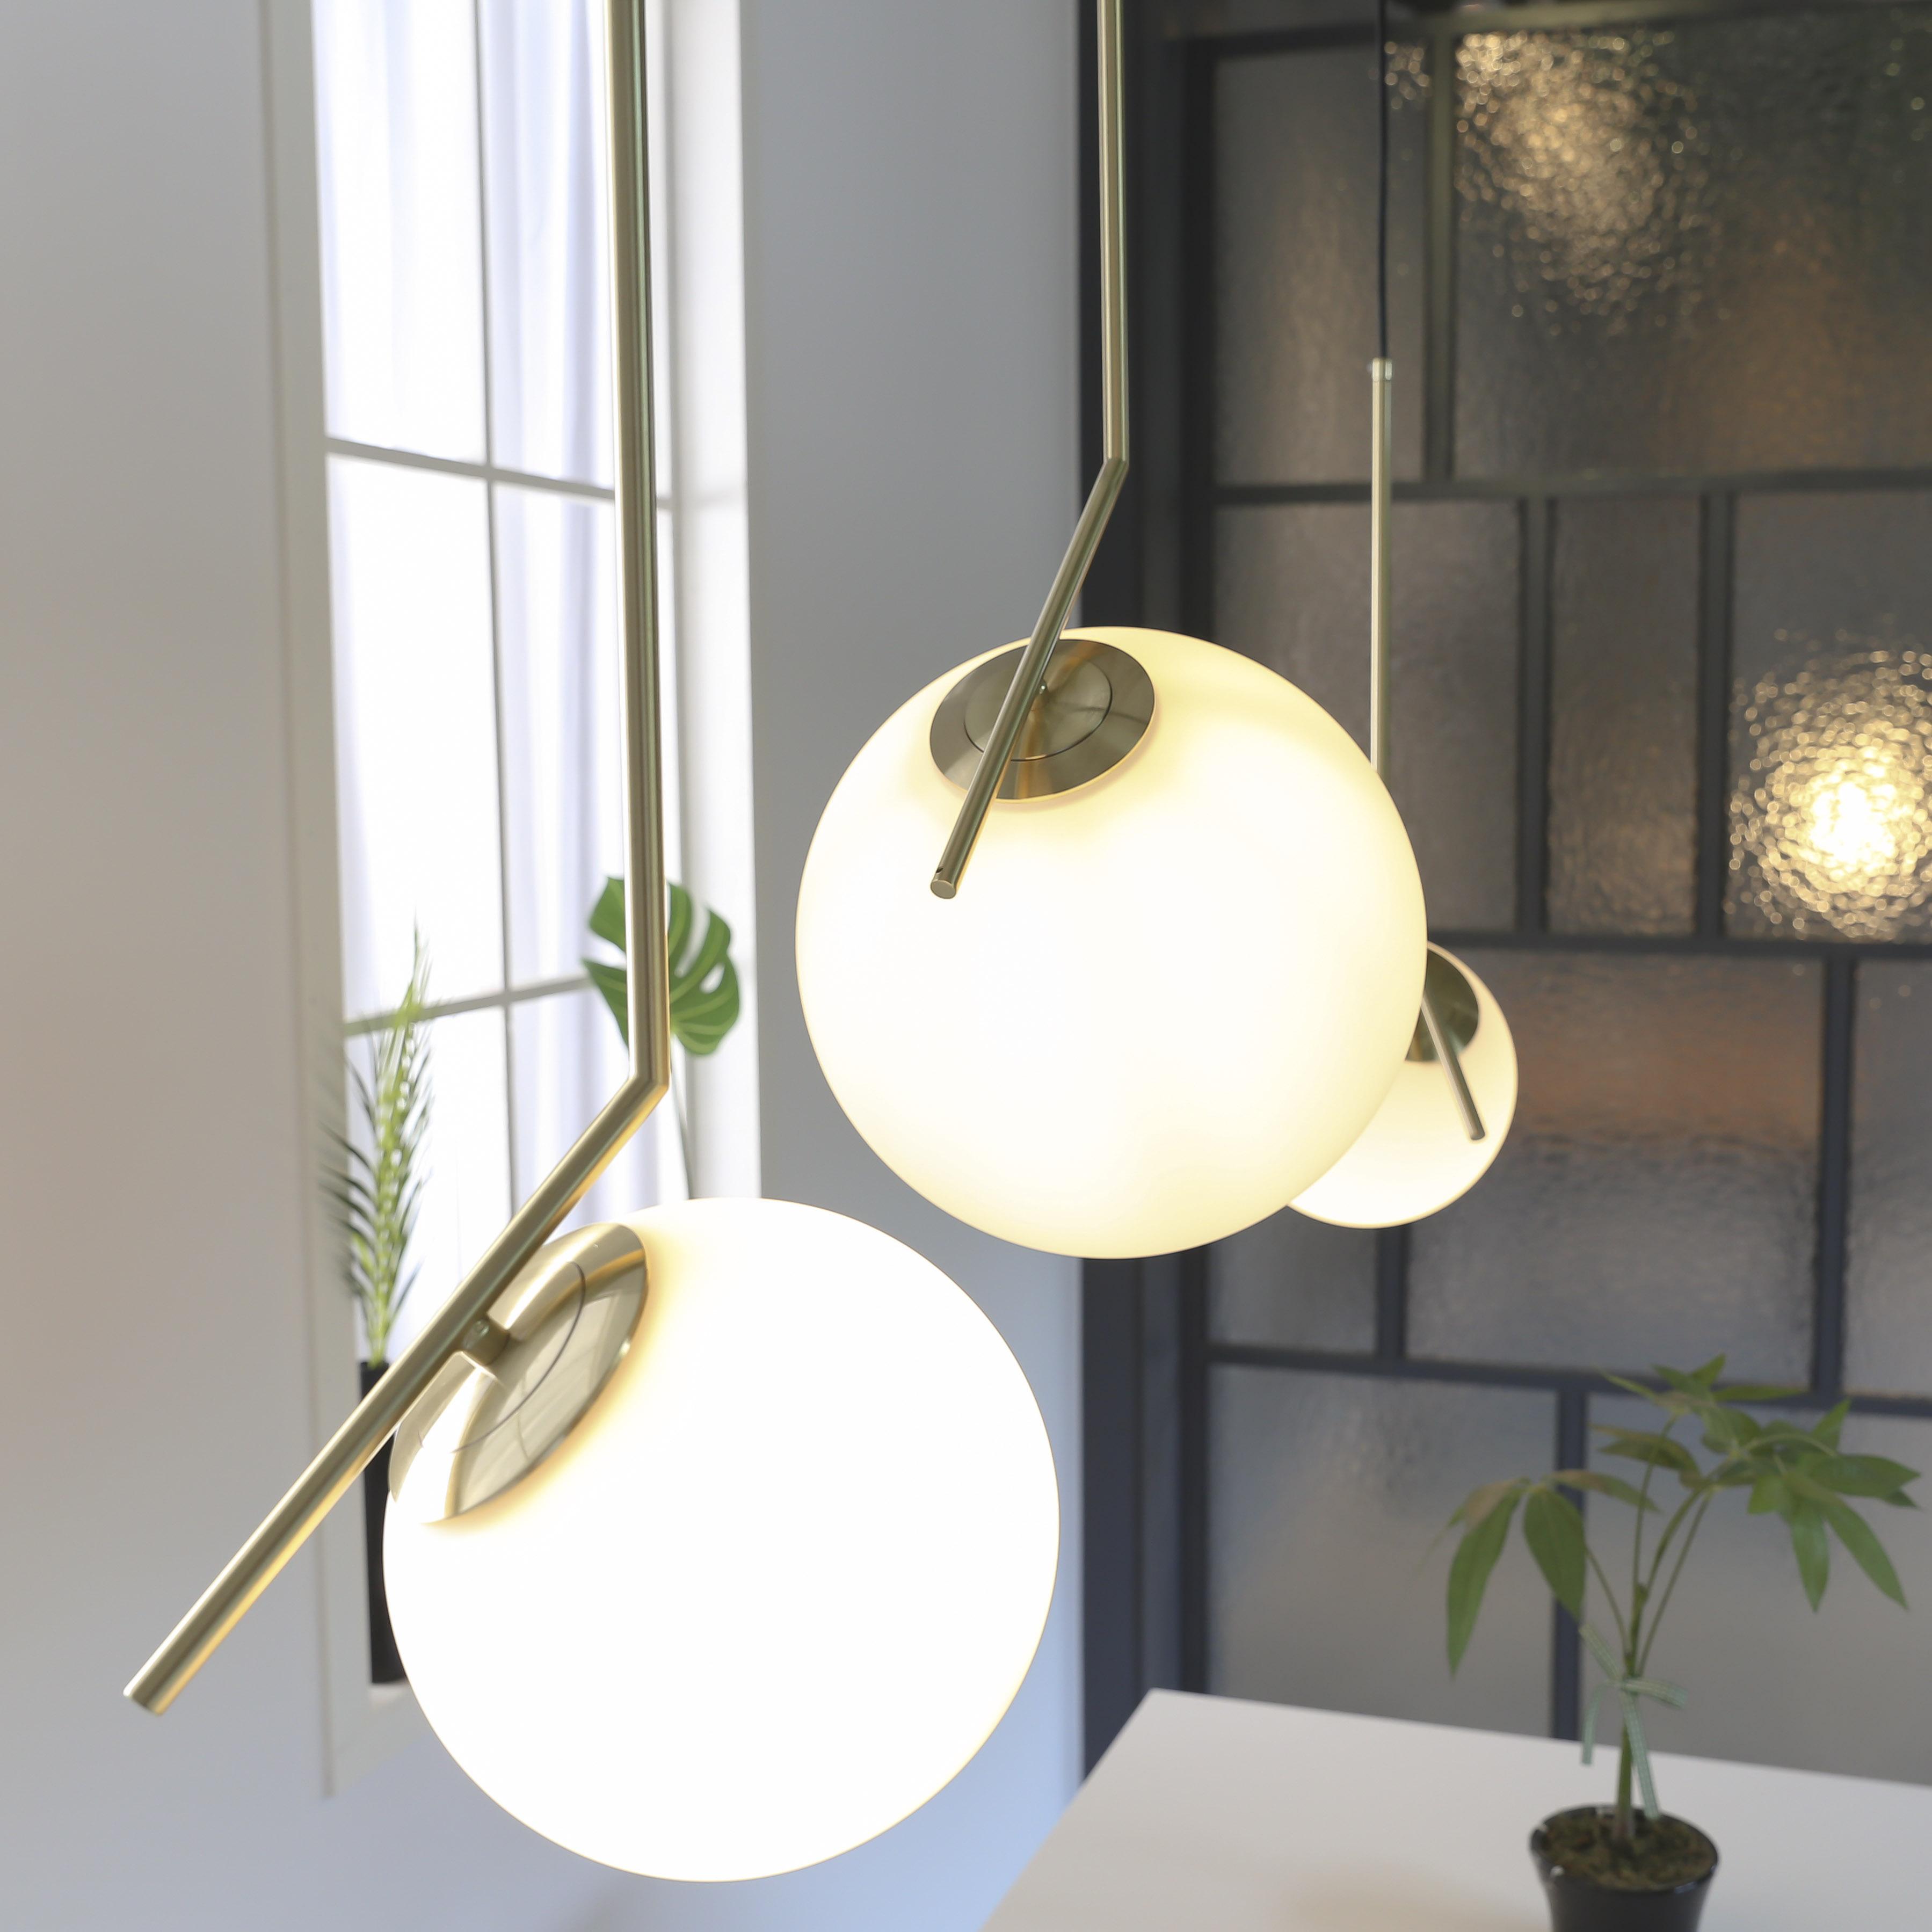 Venta al por mayor lamparas de techo para comedor baratas-Compre ...